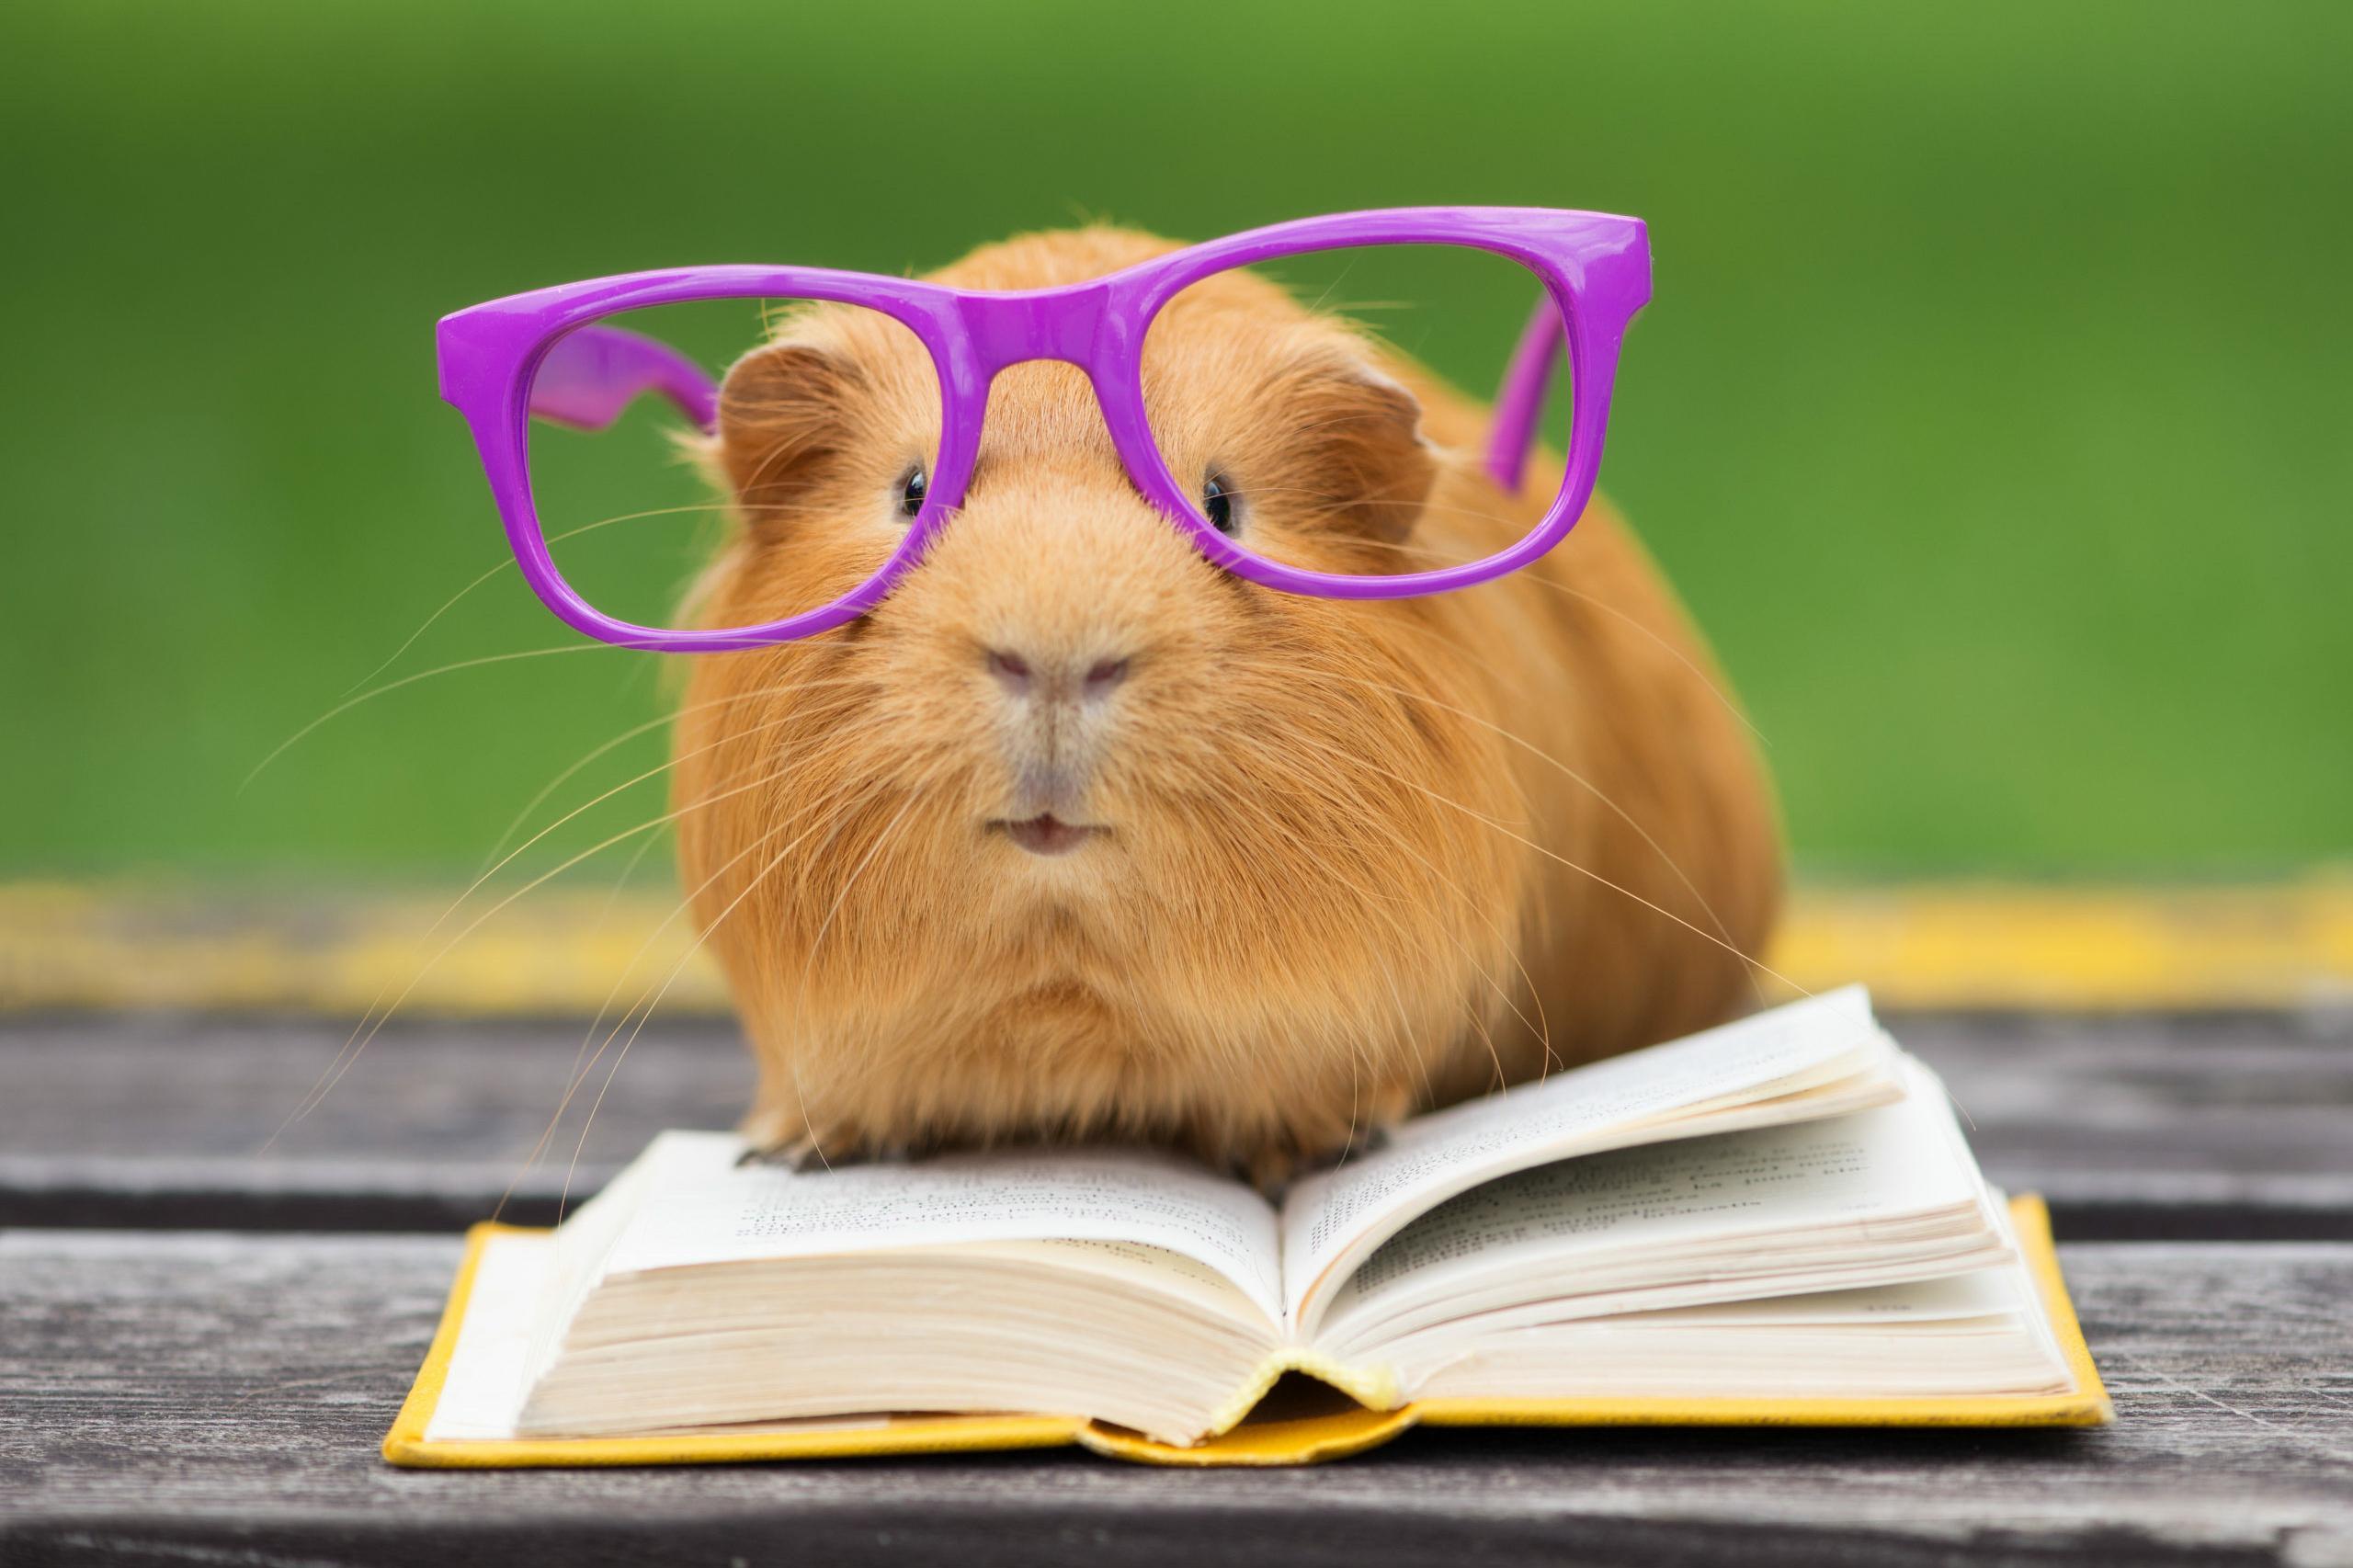 Talent: Ein Hamster hat eine Brille auf und steht auf einem Buch